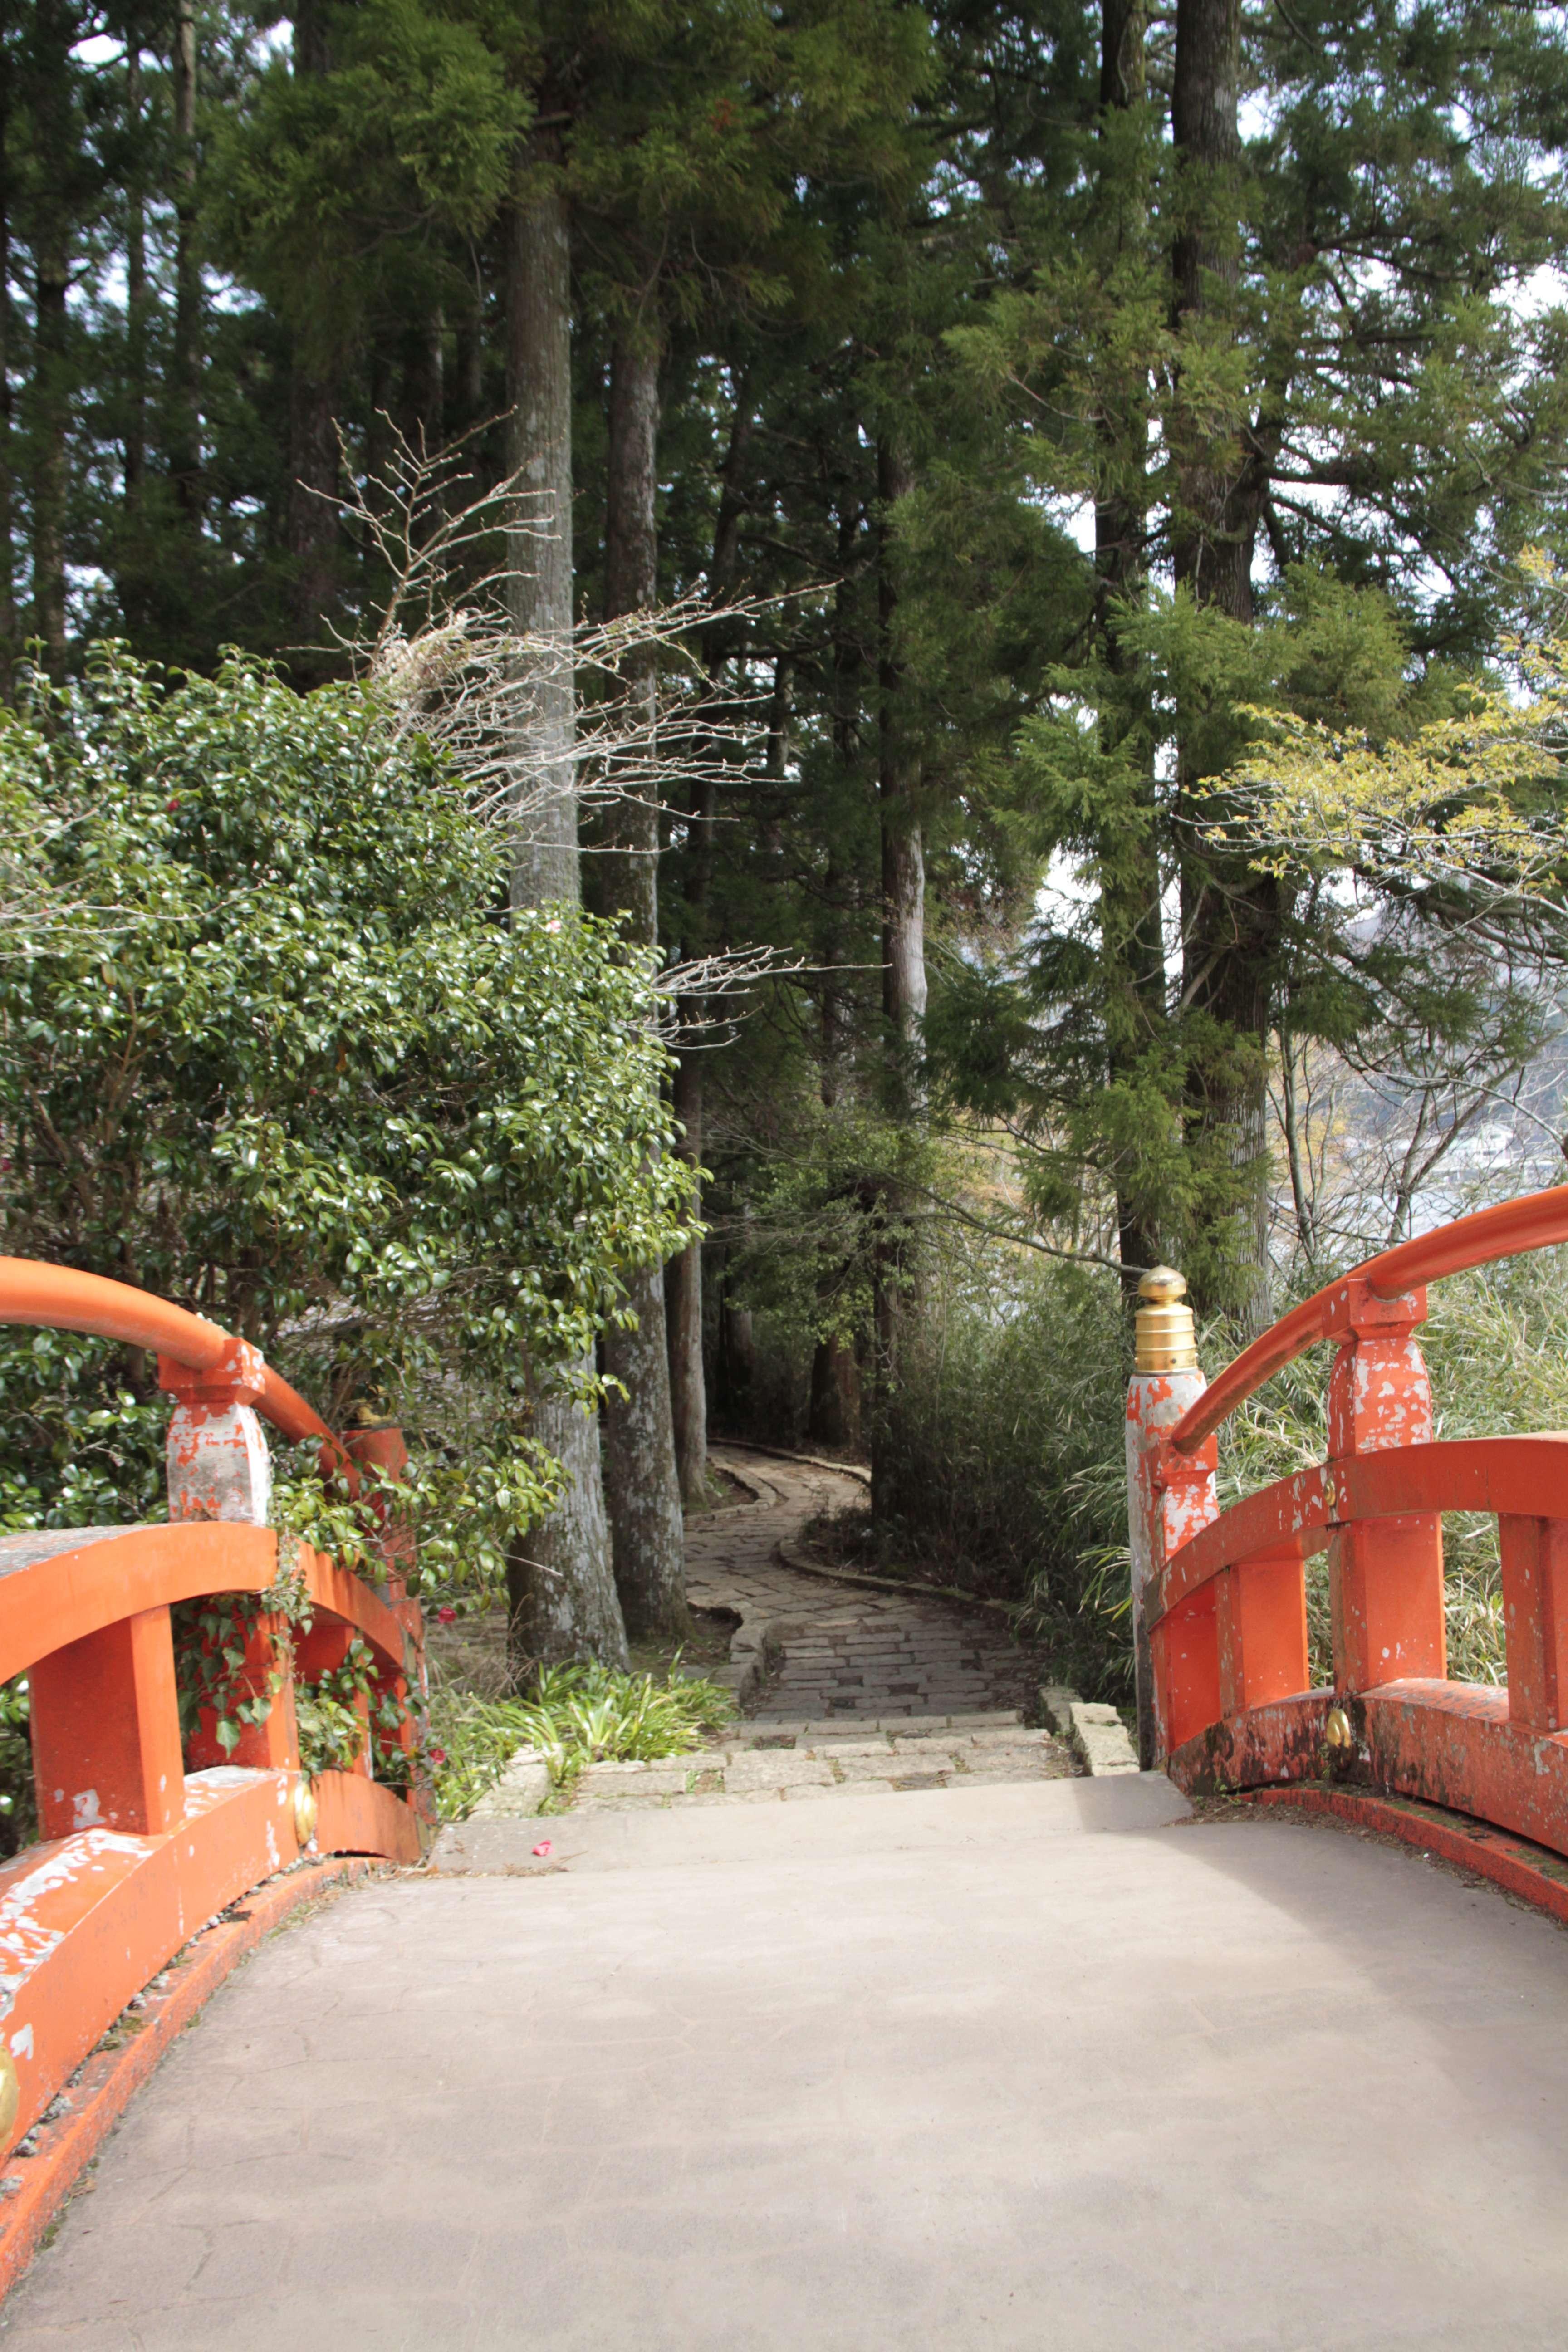 Japon avril 2017_0343 Hakone sanctuaire shinto